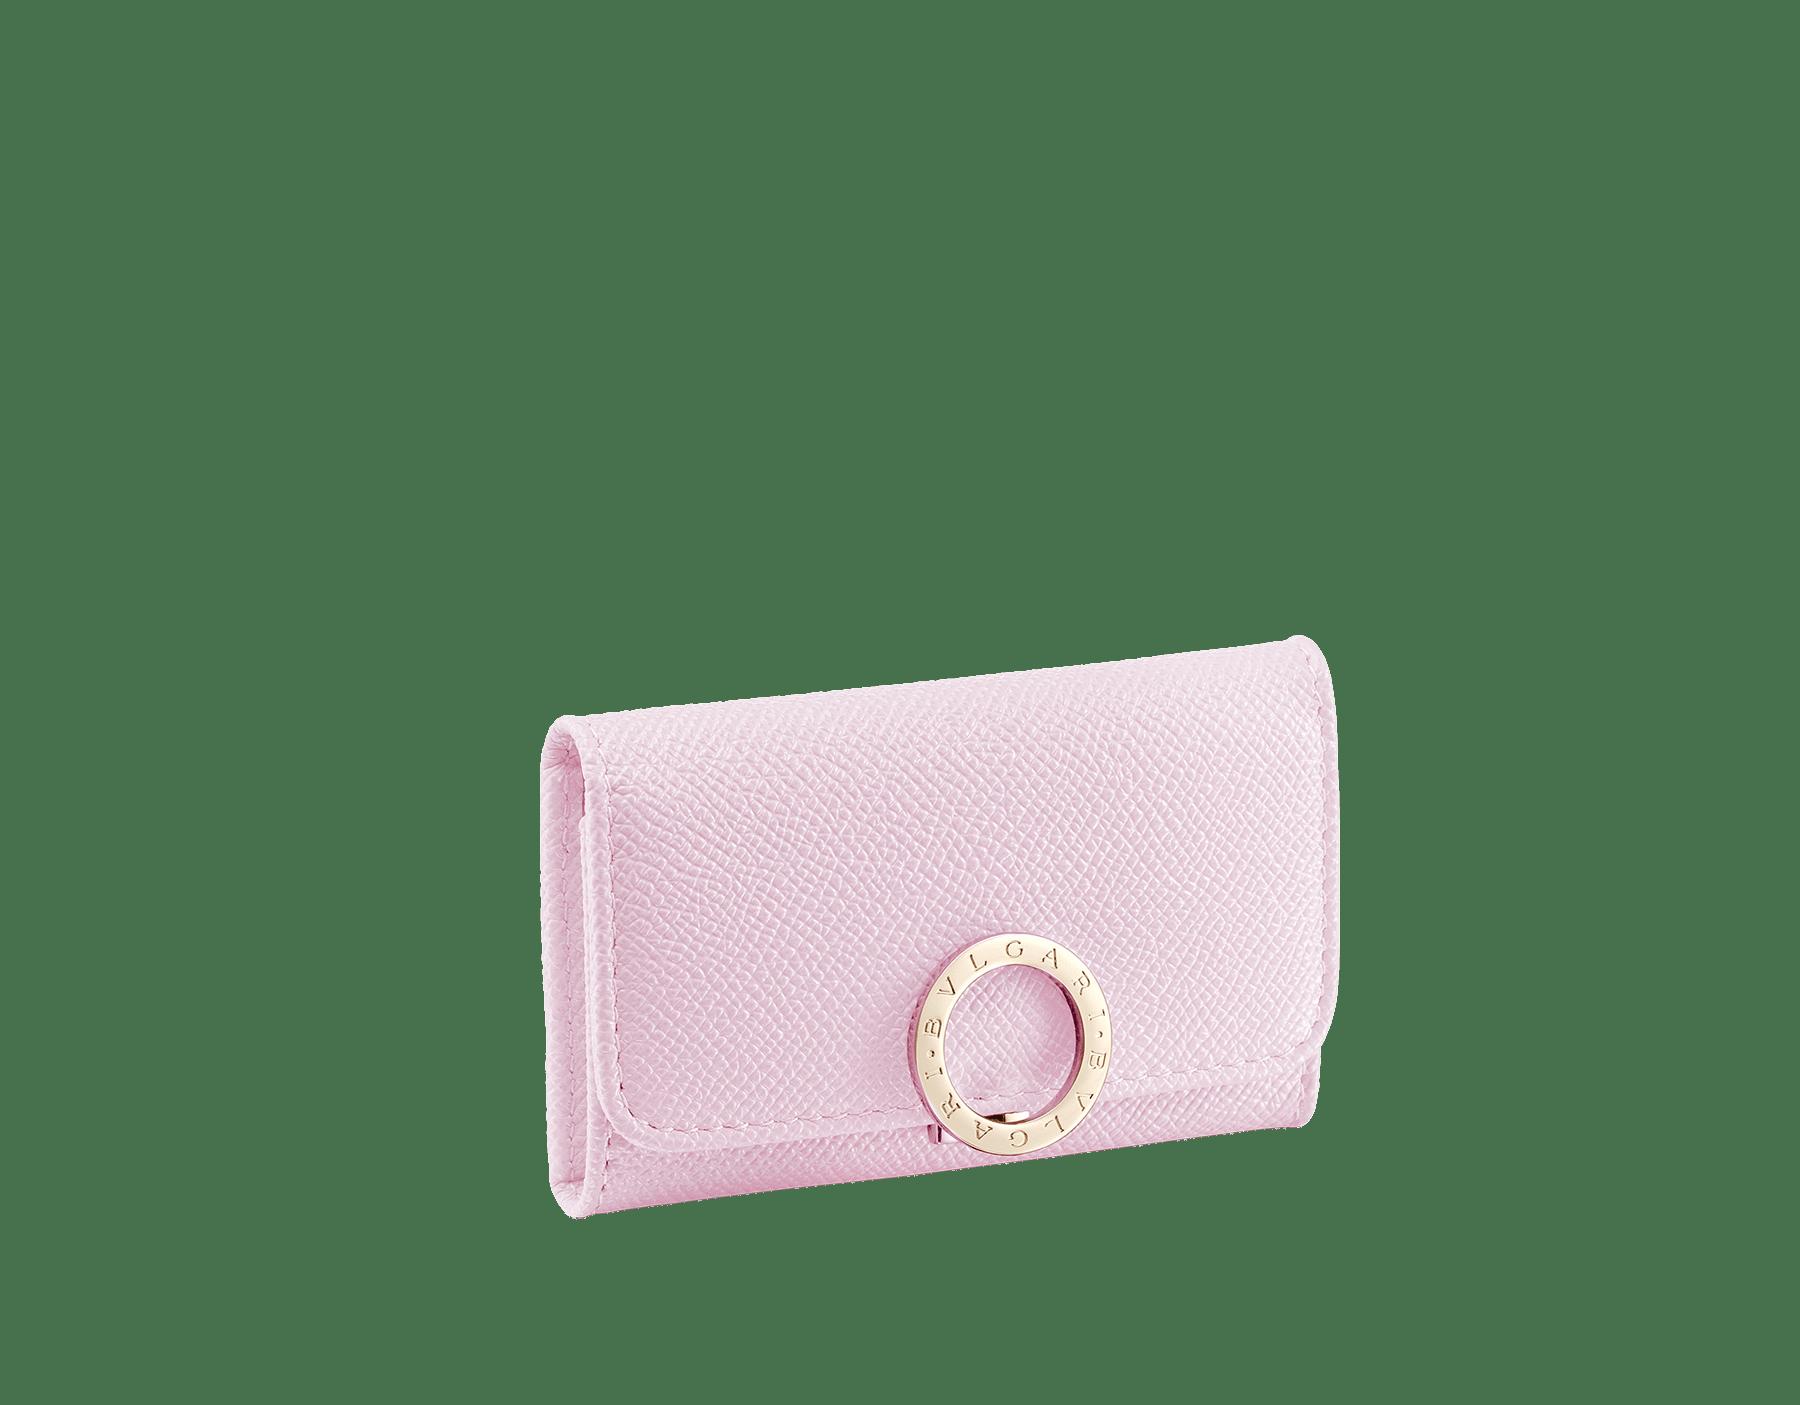 BVLGARI BVLGARI small keyholder in rosa di francia grain calf leather and flamingo quartz nappa leather. Iconic logo clip closure in light gold plated brass. 289032 image 1